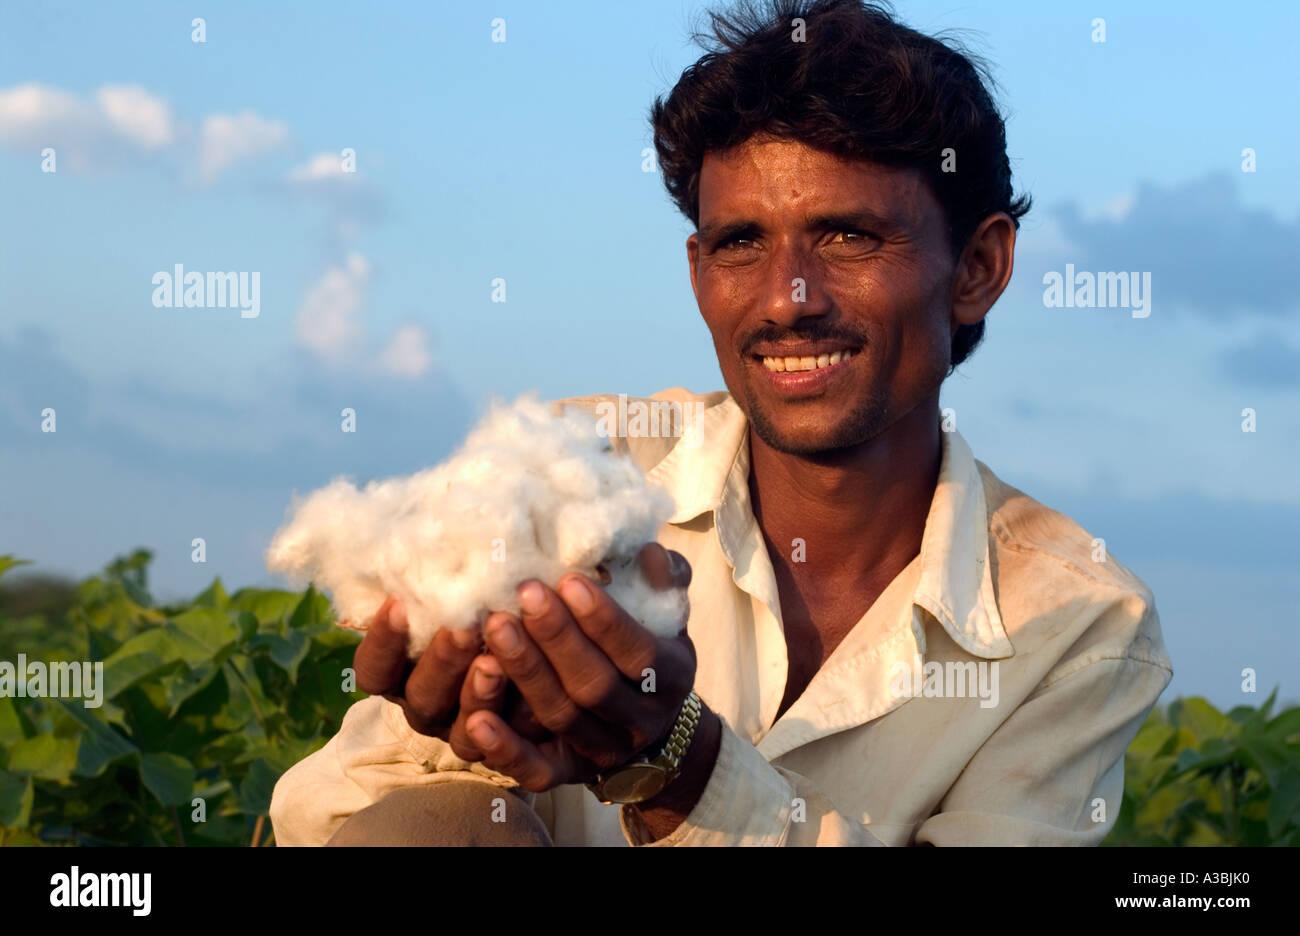 Agricoltore Guajarat in India cresce il cotone che egli vende sotto il regime di commercio equosolidale a Marks Immagini Stock